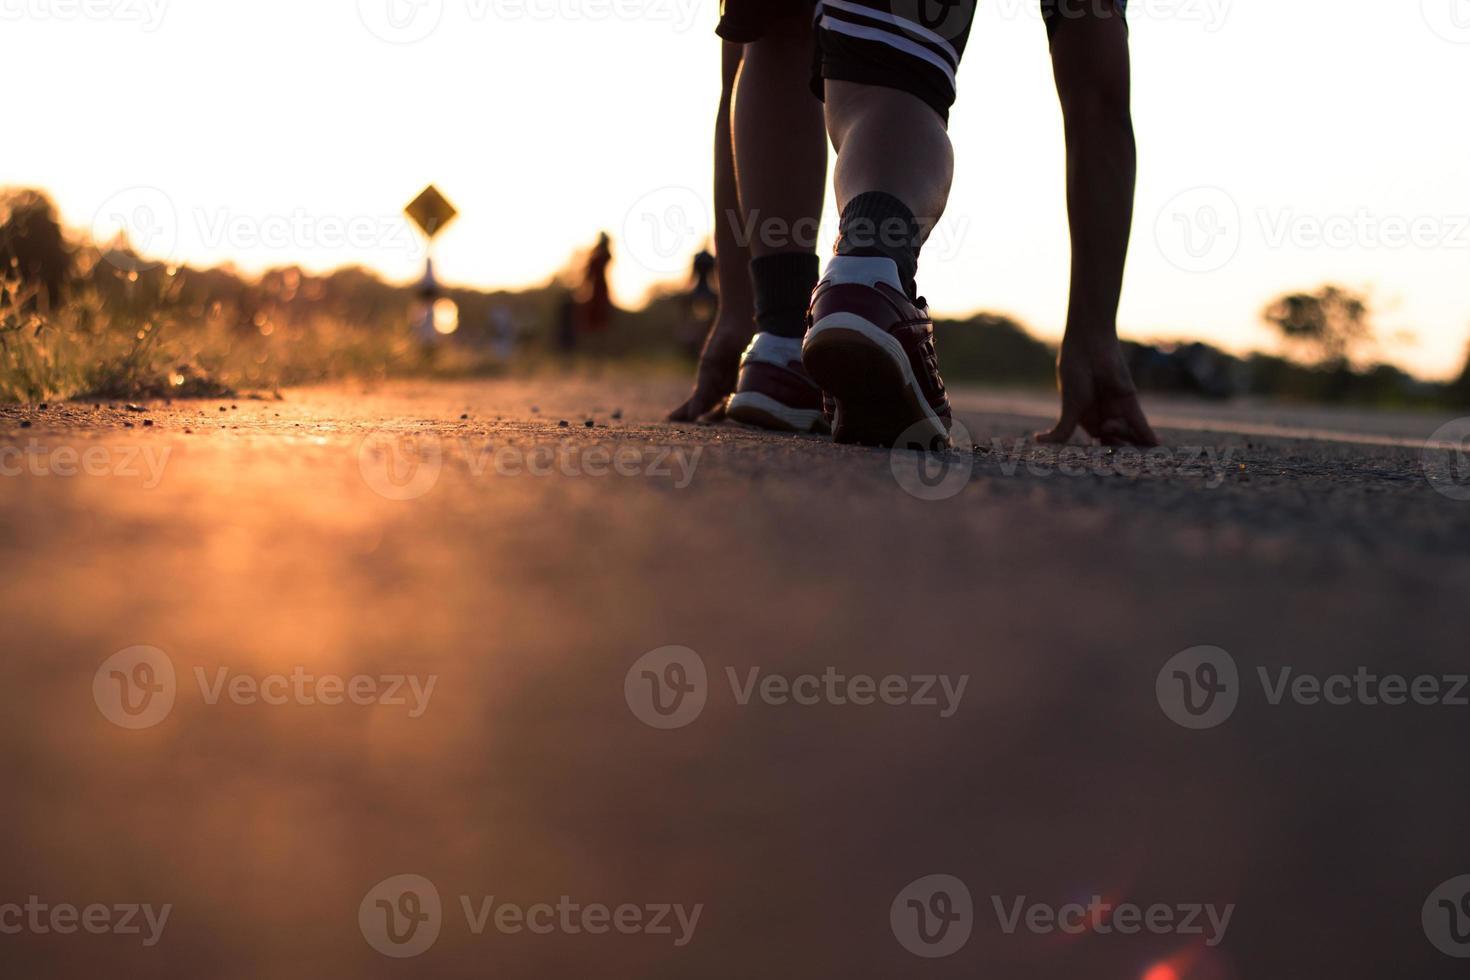 corridore correre su strada con il sorgere del sole foto